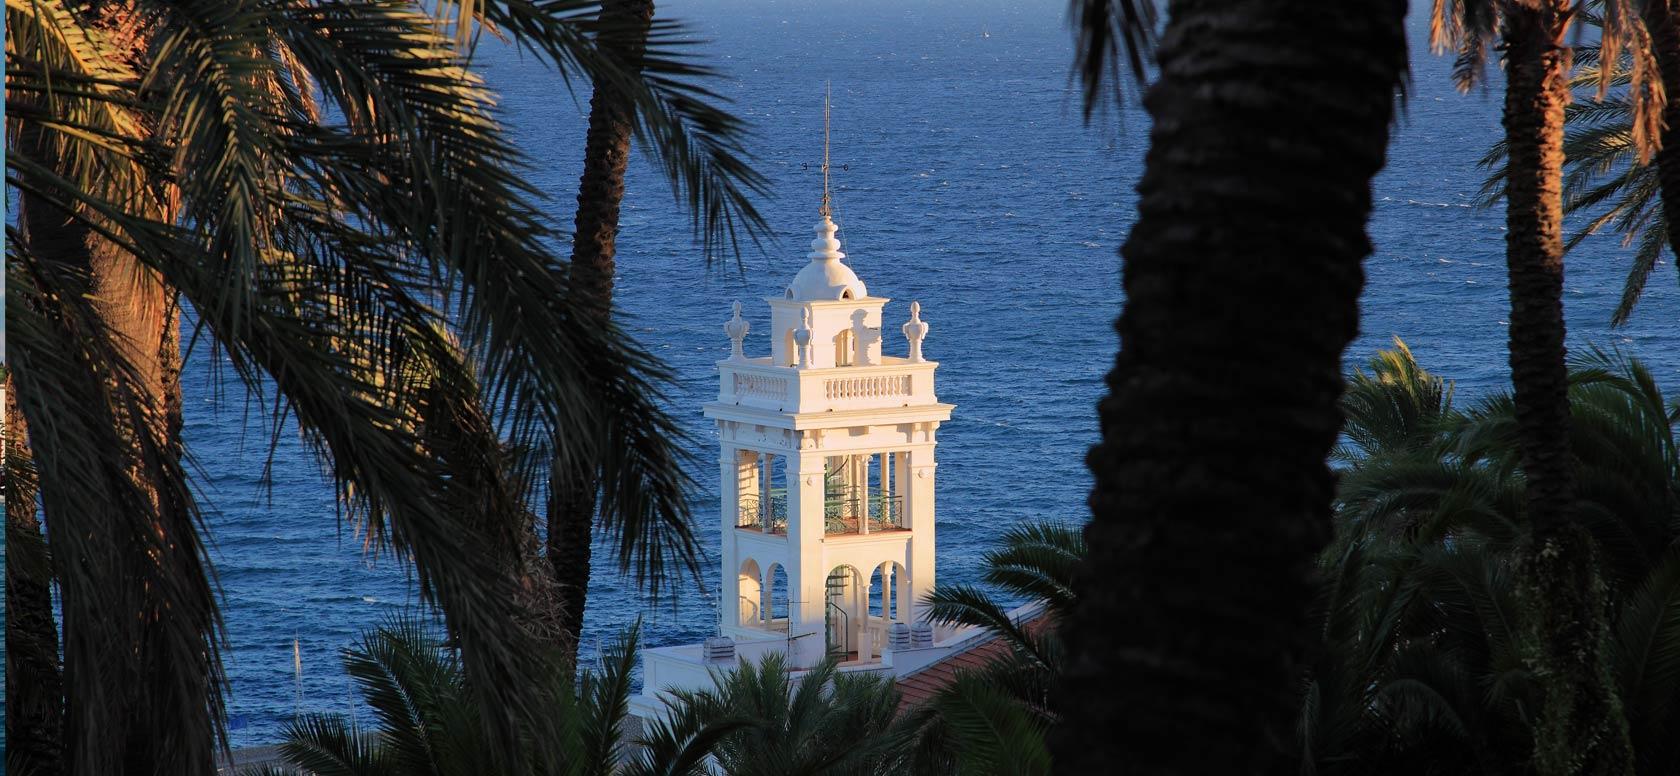 Albergo Bordighera   Hotel Bordighera   Offerta pernottamento Bordighera   Offerta Vacanze Bordighera   Vacanze last minute Bordighera   ALBERGO HOTEL ROSALIA